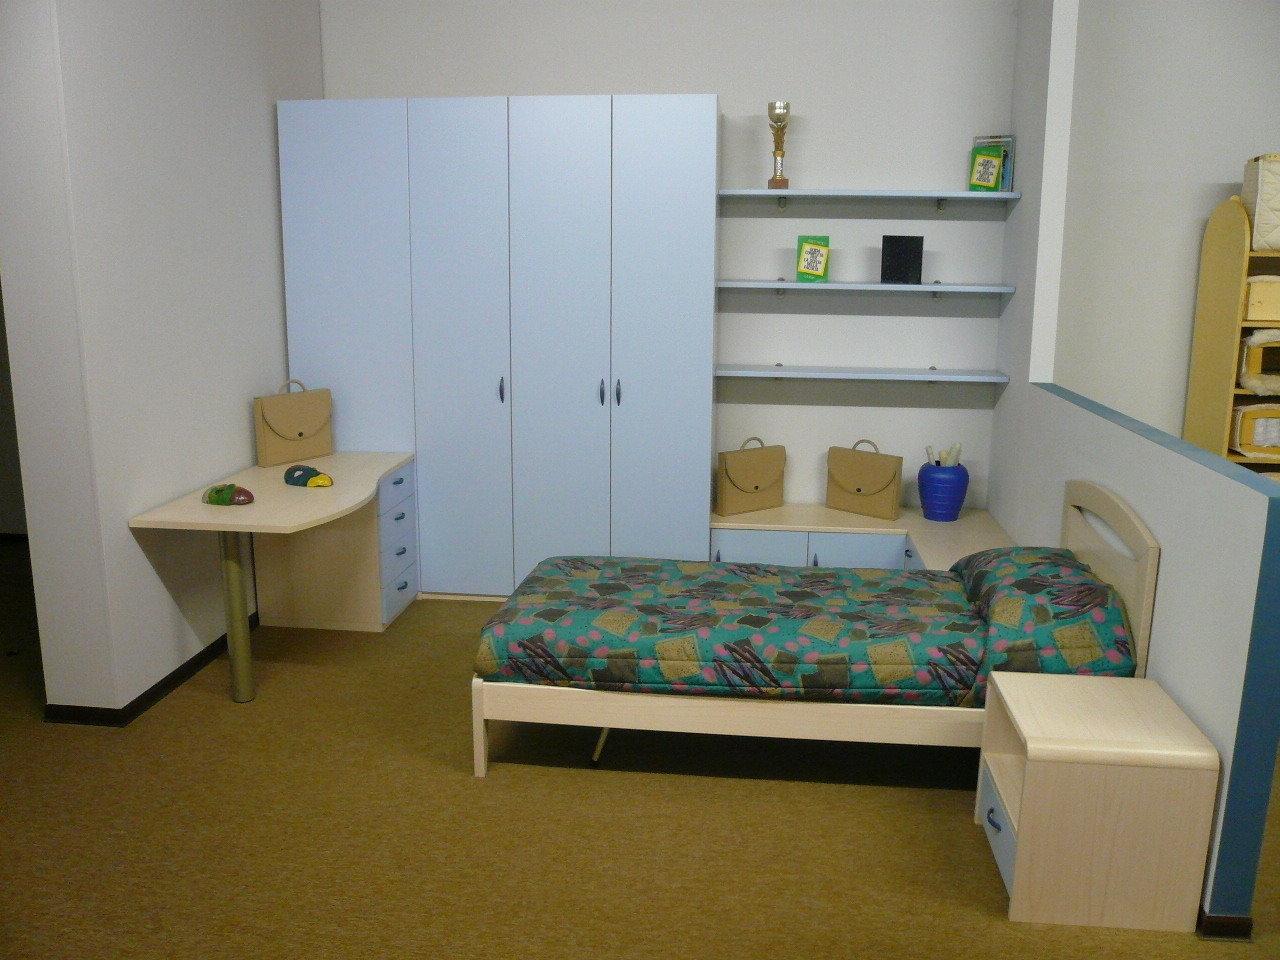 Camera da letto bambini mito scontata del 61 camerette - Camera da letto bambini ...